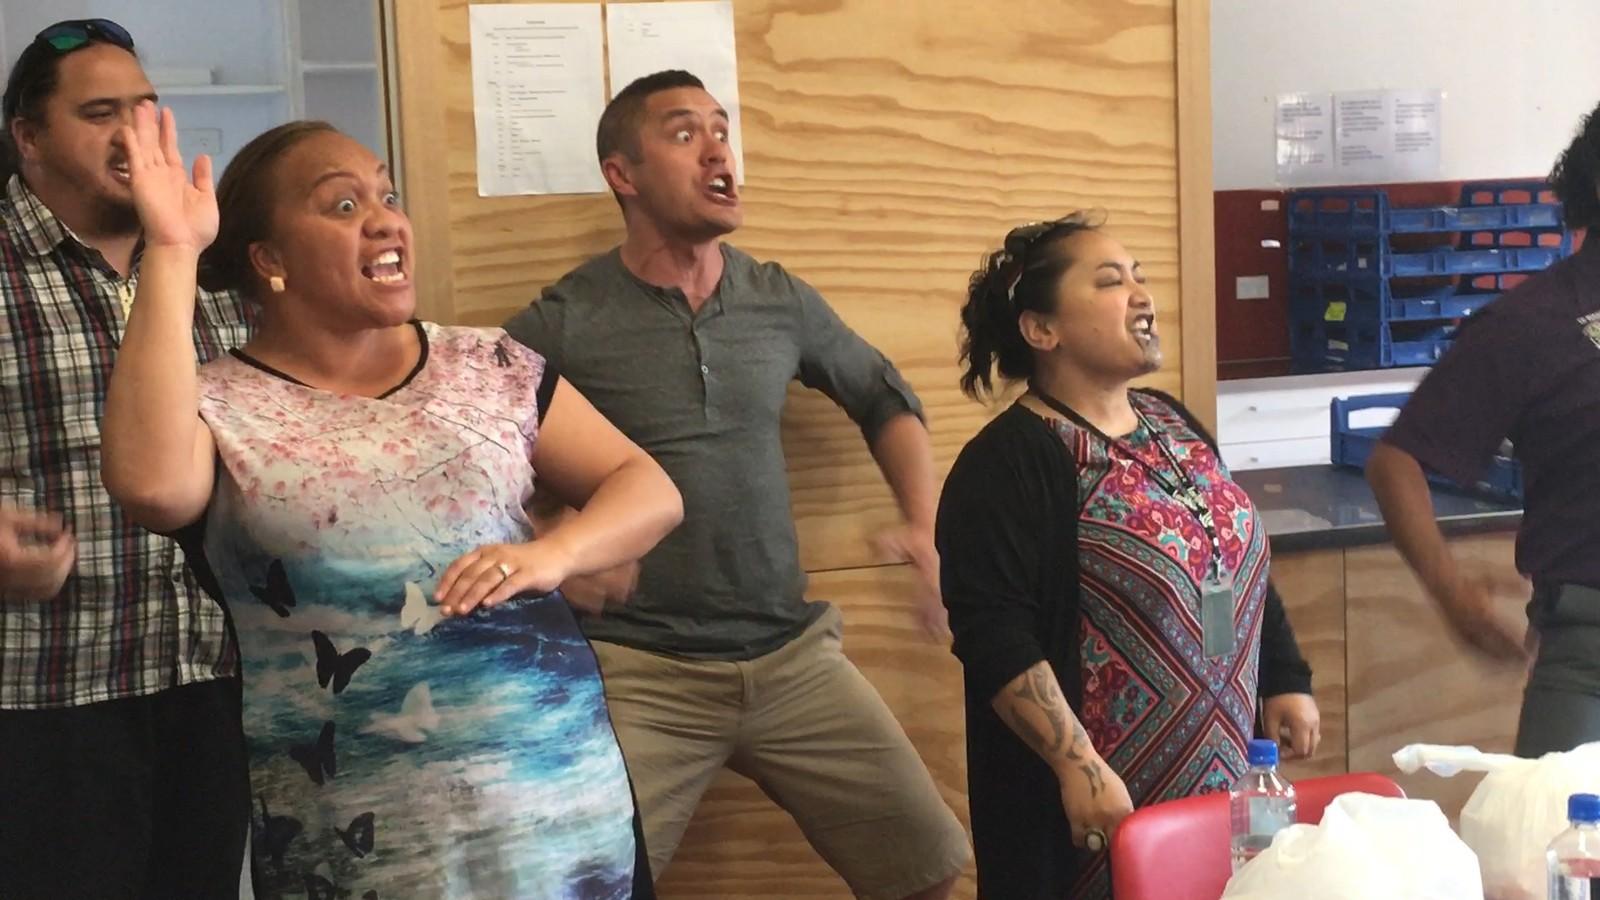 «Haka»-nammasaš soahtedánssa, maid maoriuniversitehta «Te Whare Wananga o Awanuiarangi» lavlunjoavku loaiddasta. / Her fremføres den såkalte «Haka»-dansen; maorienes tradisjonelle krigsdans, av koret «Te Whare Wananga o Awanuiarangi» fra det lokale maoriuniversitetet.